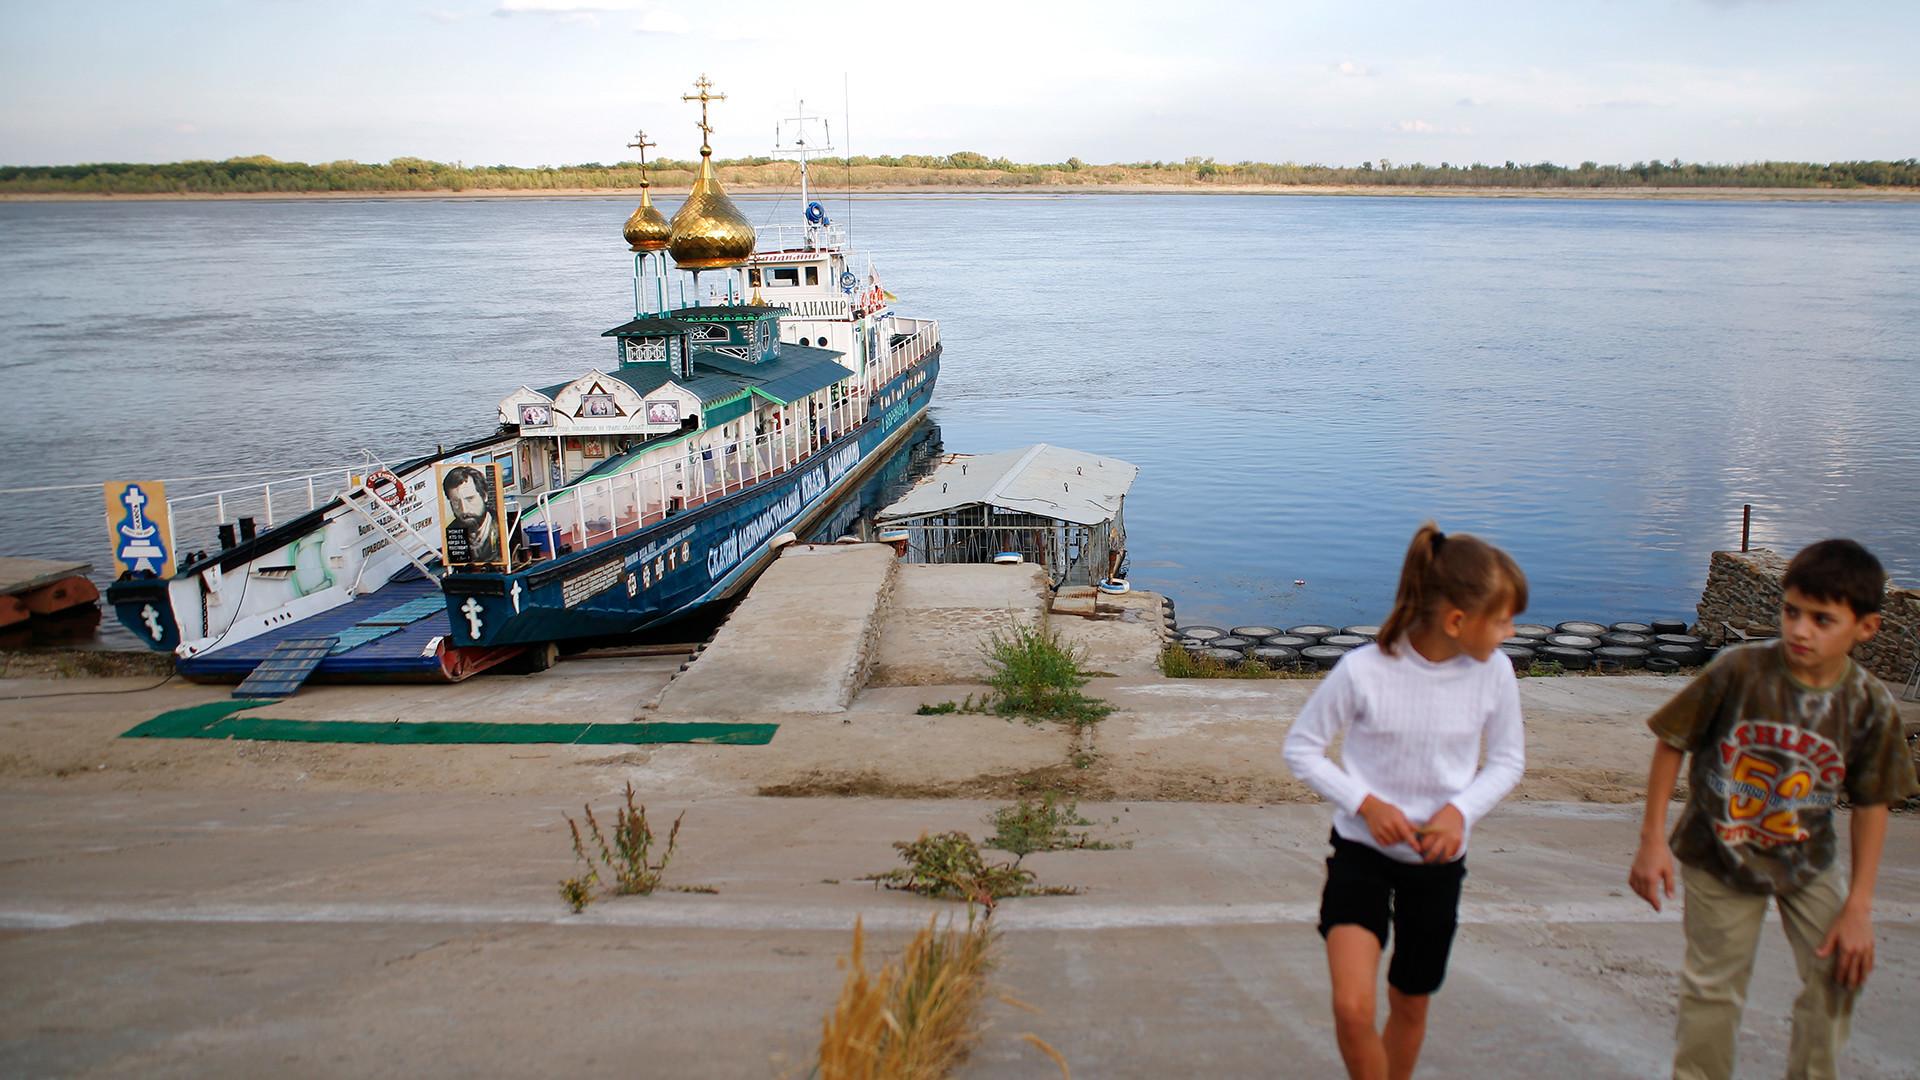 """Crkva na vodi posvećena Svetom Vladimiru, podignuta na nekadašnjem desantnom brodu """"Oljokma""""."""